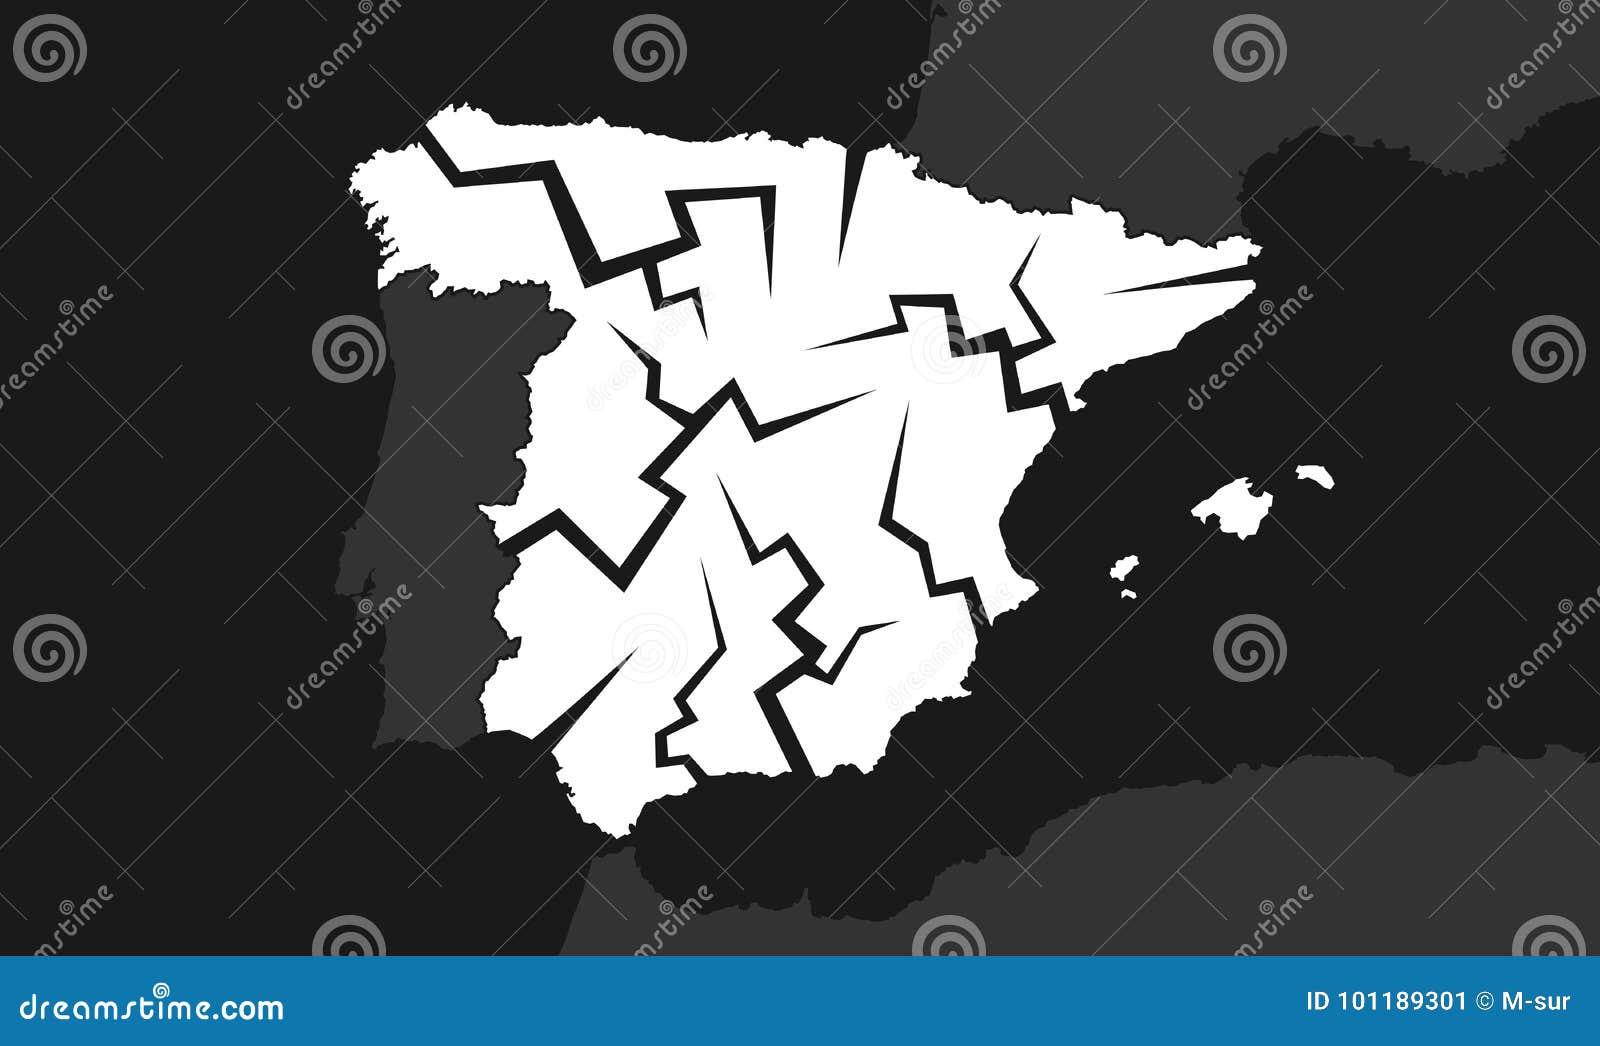 Disminución de España